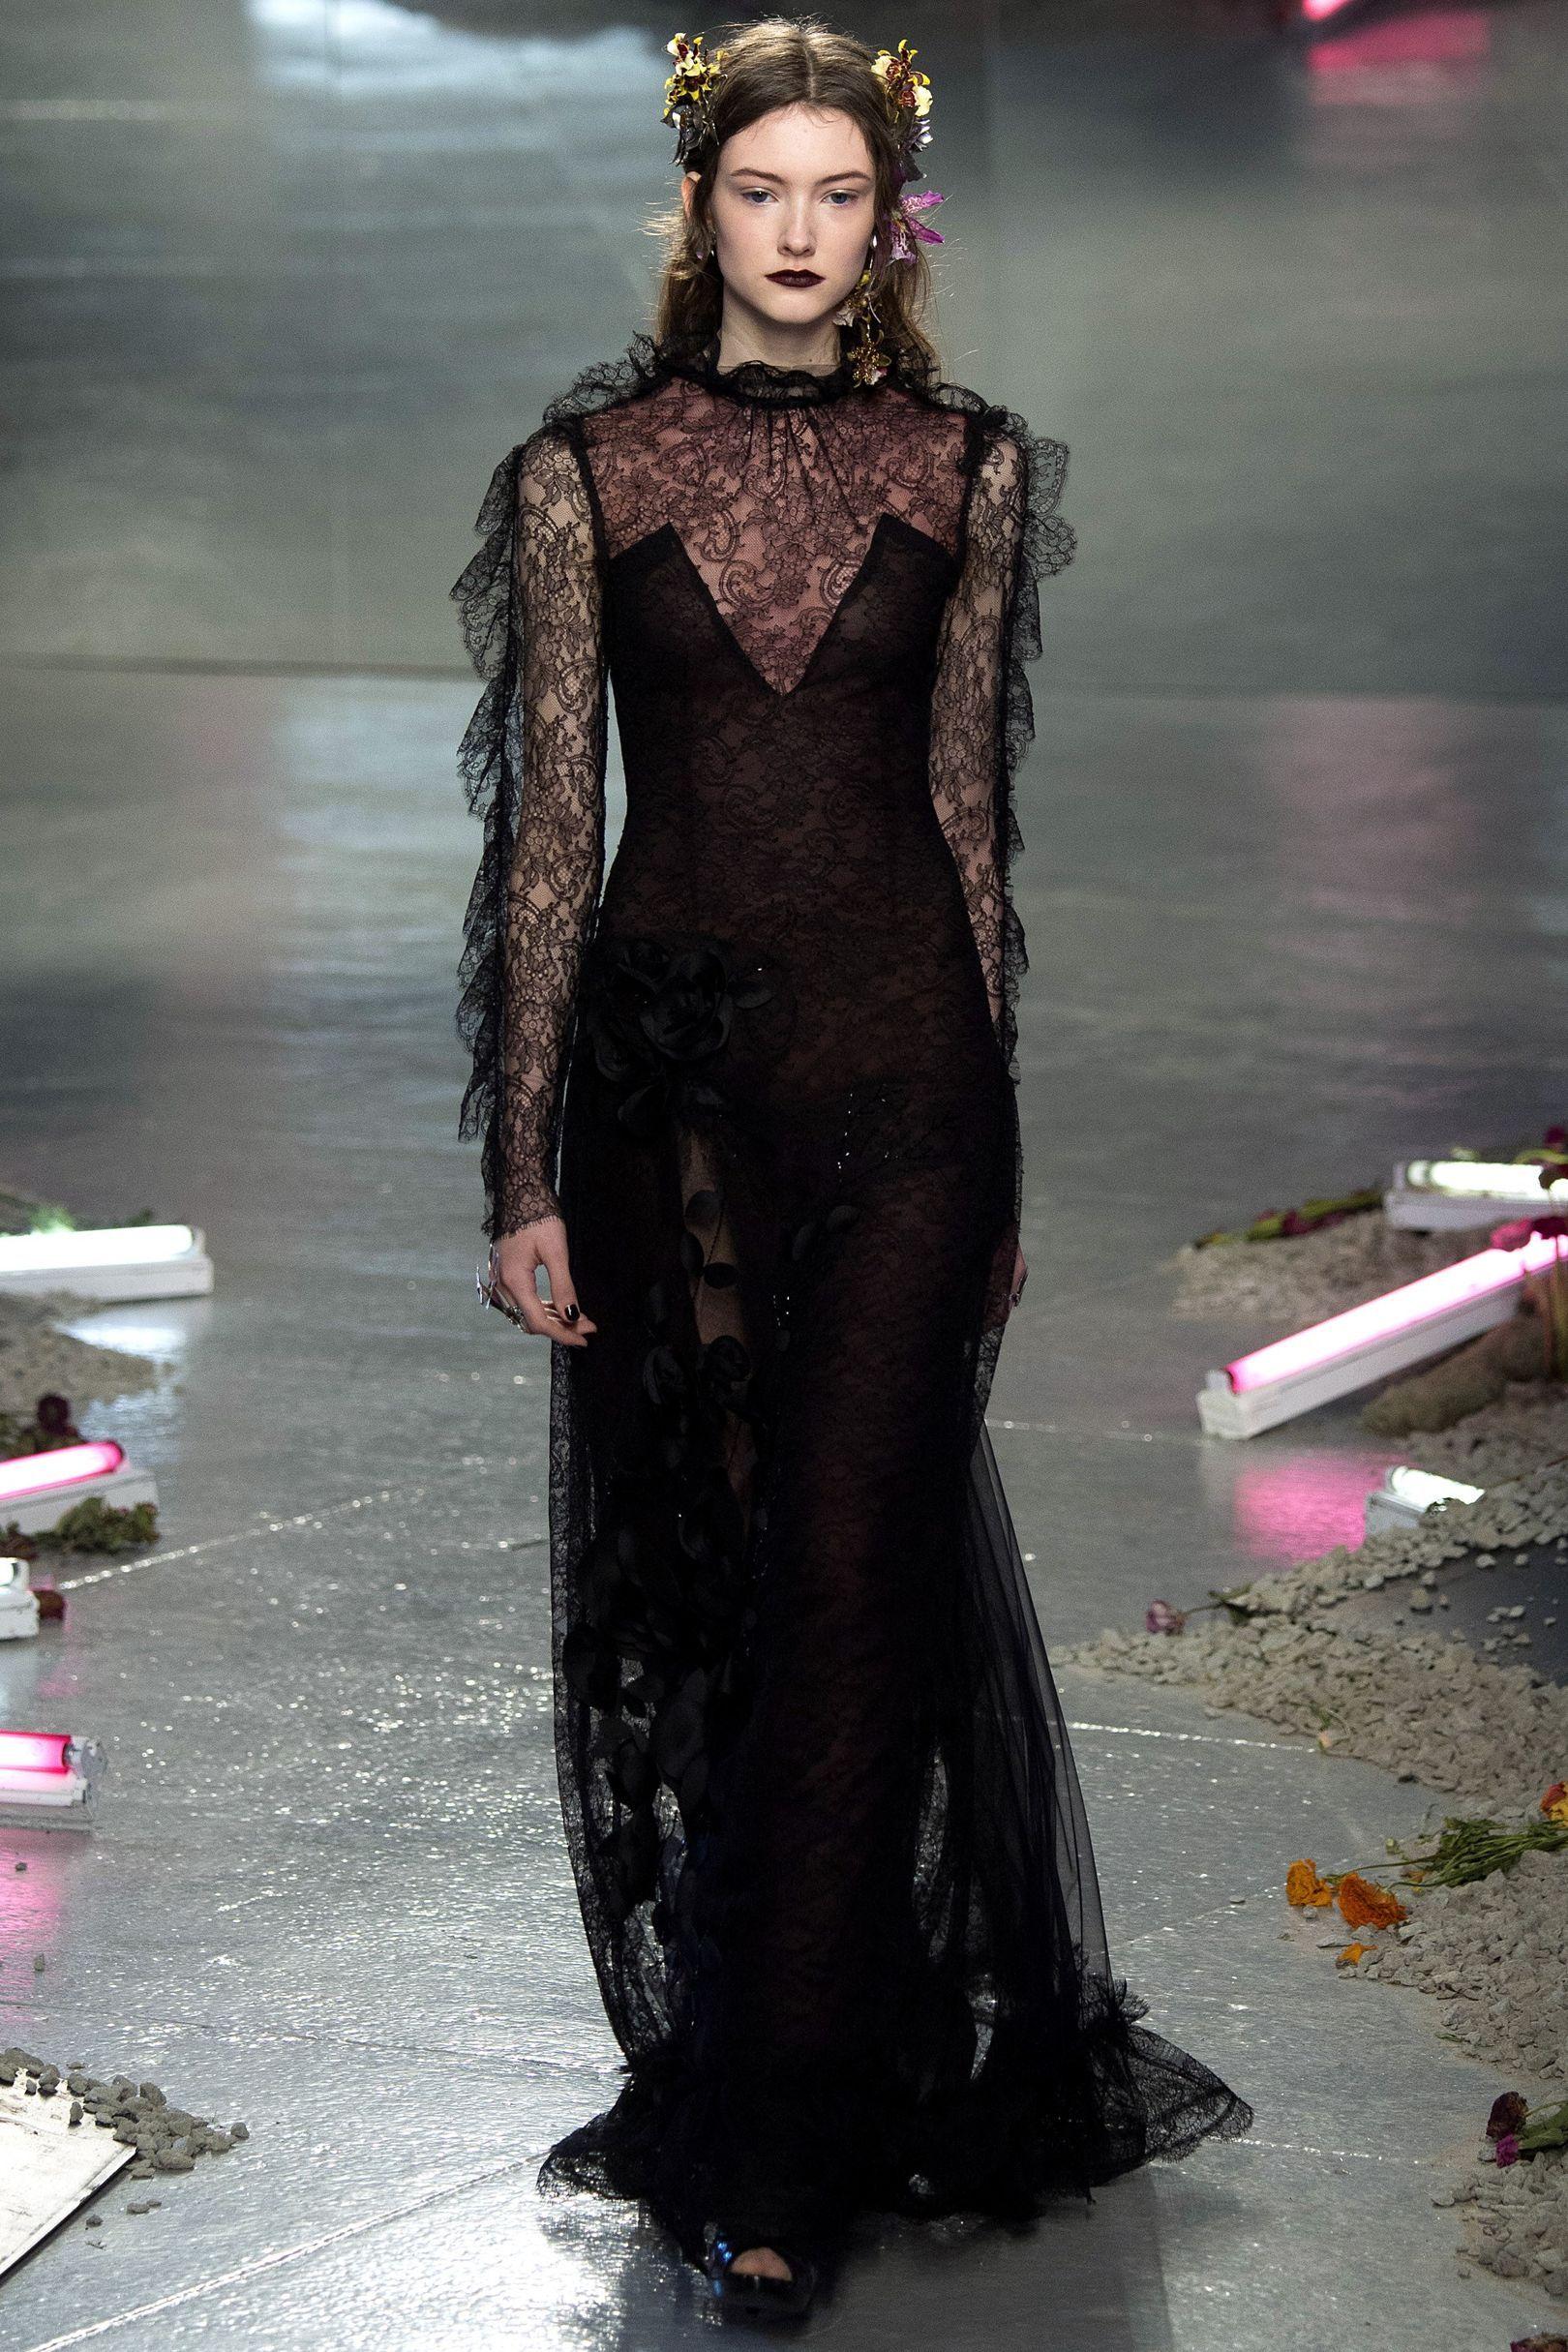 Rodarte Autumn/Winter 2016 Ready-To-Wear Collection | British Vogue